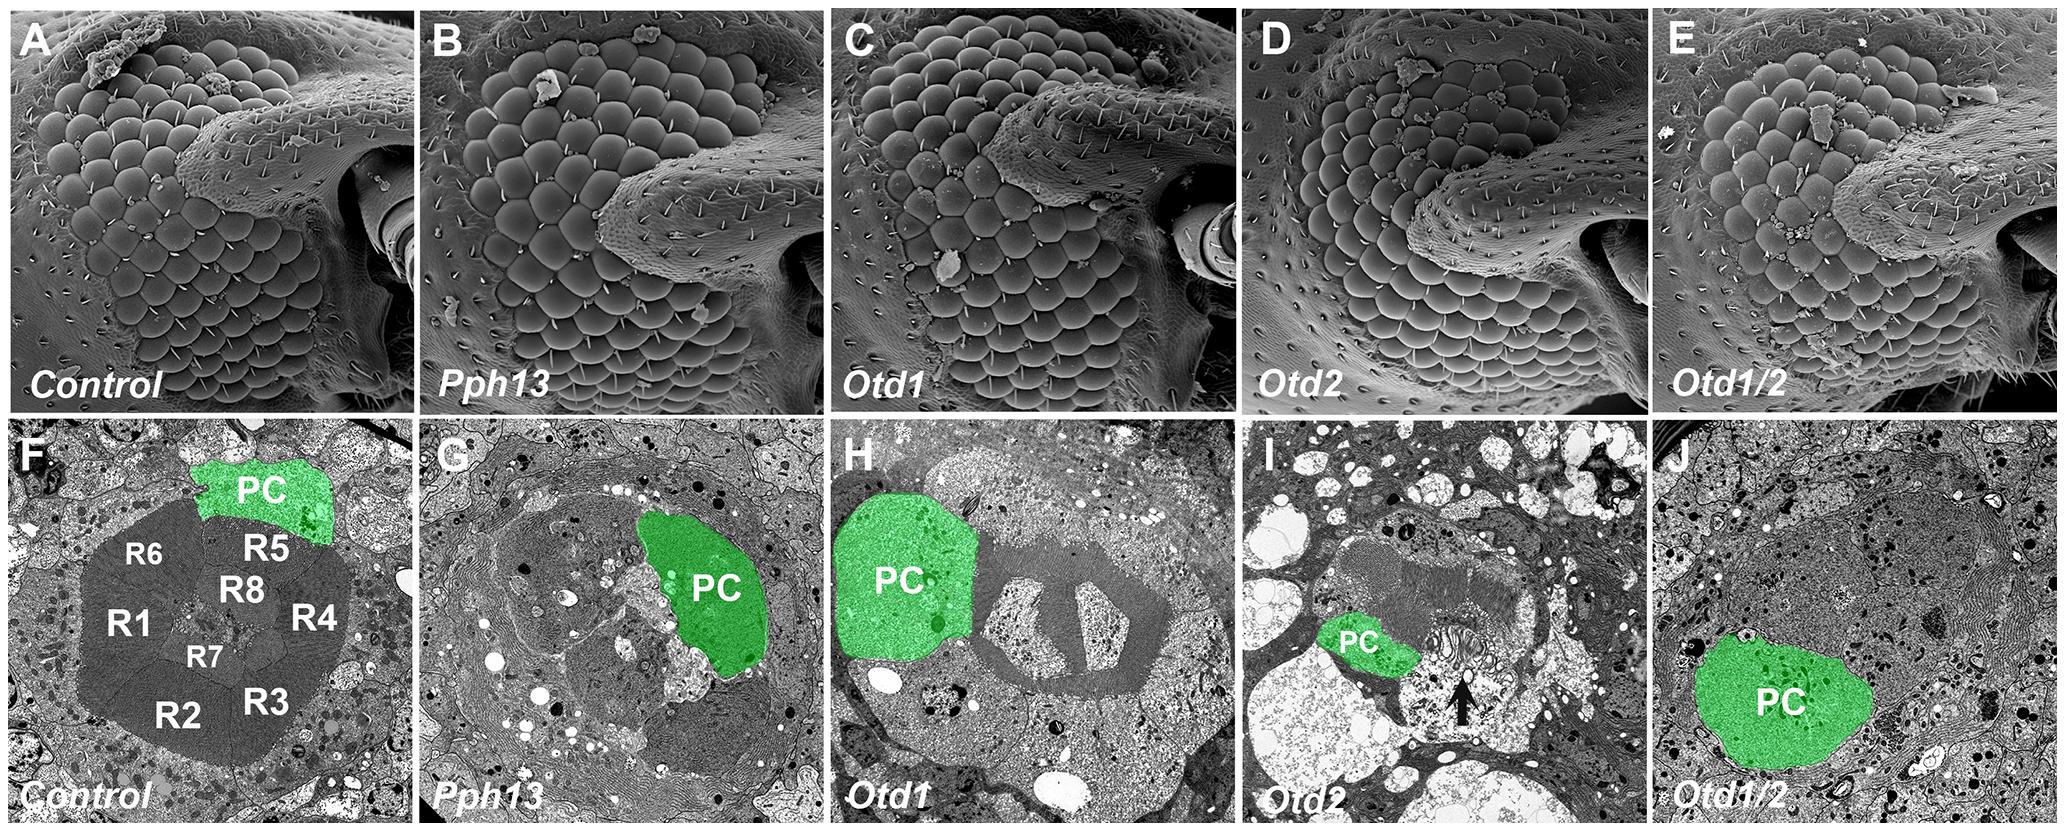 Knockdown of <i>Tribolium Pph13</i>, <i>otd1</i> and <i>otd2</i> affects rhabdomere biogenesis.